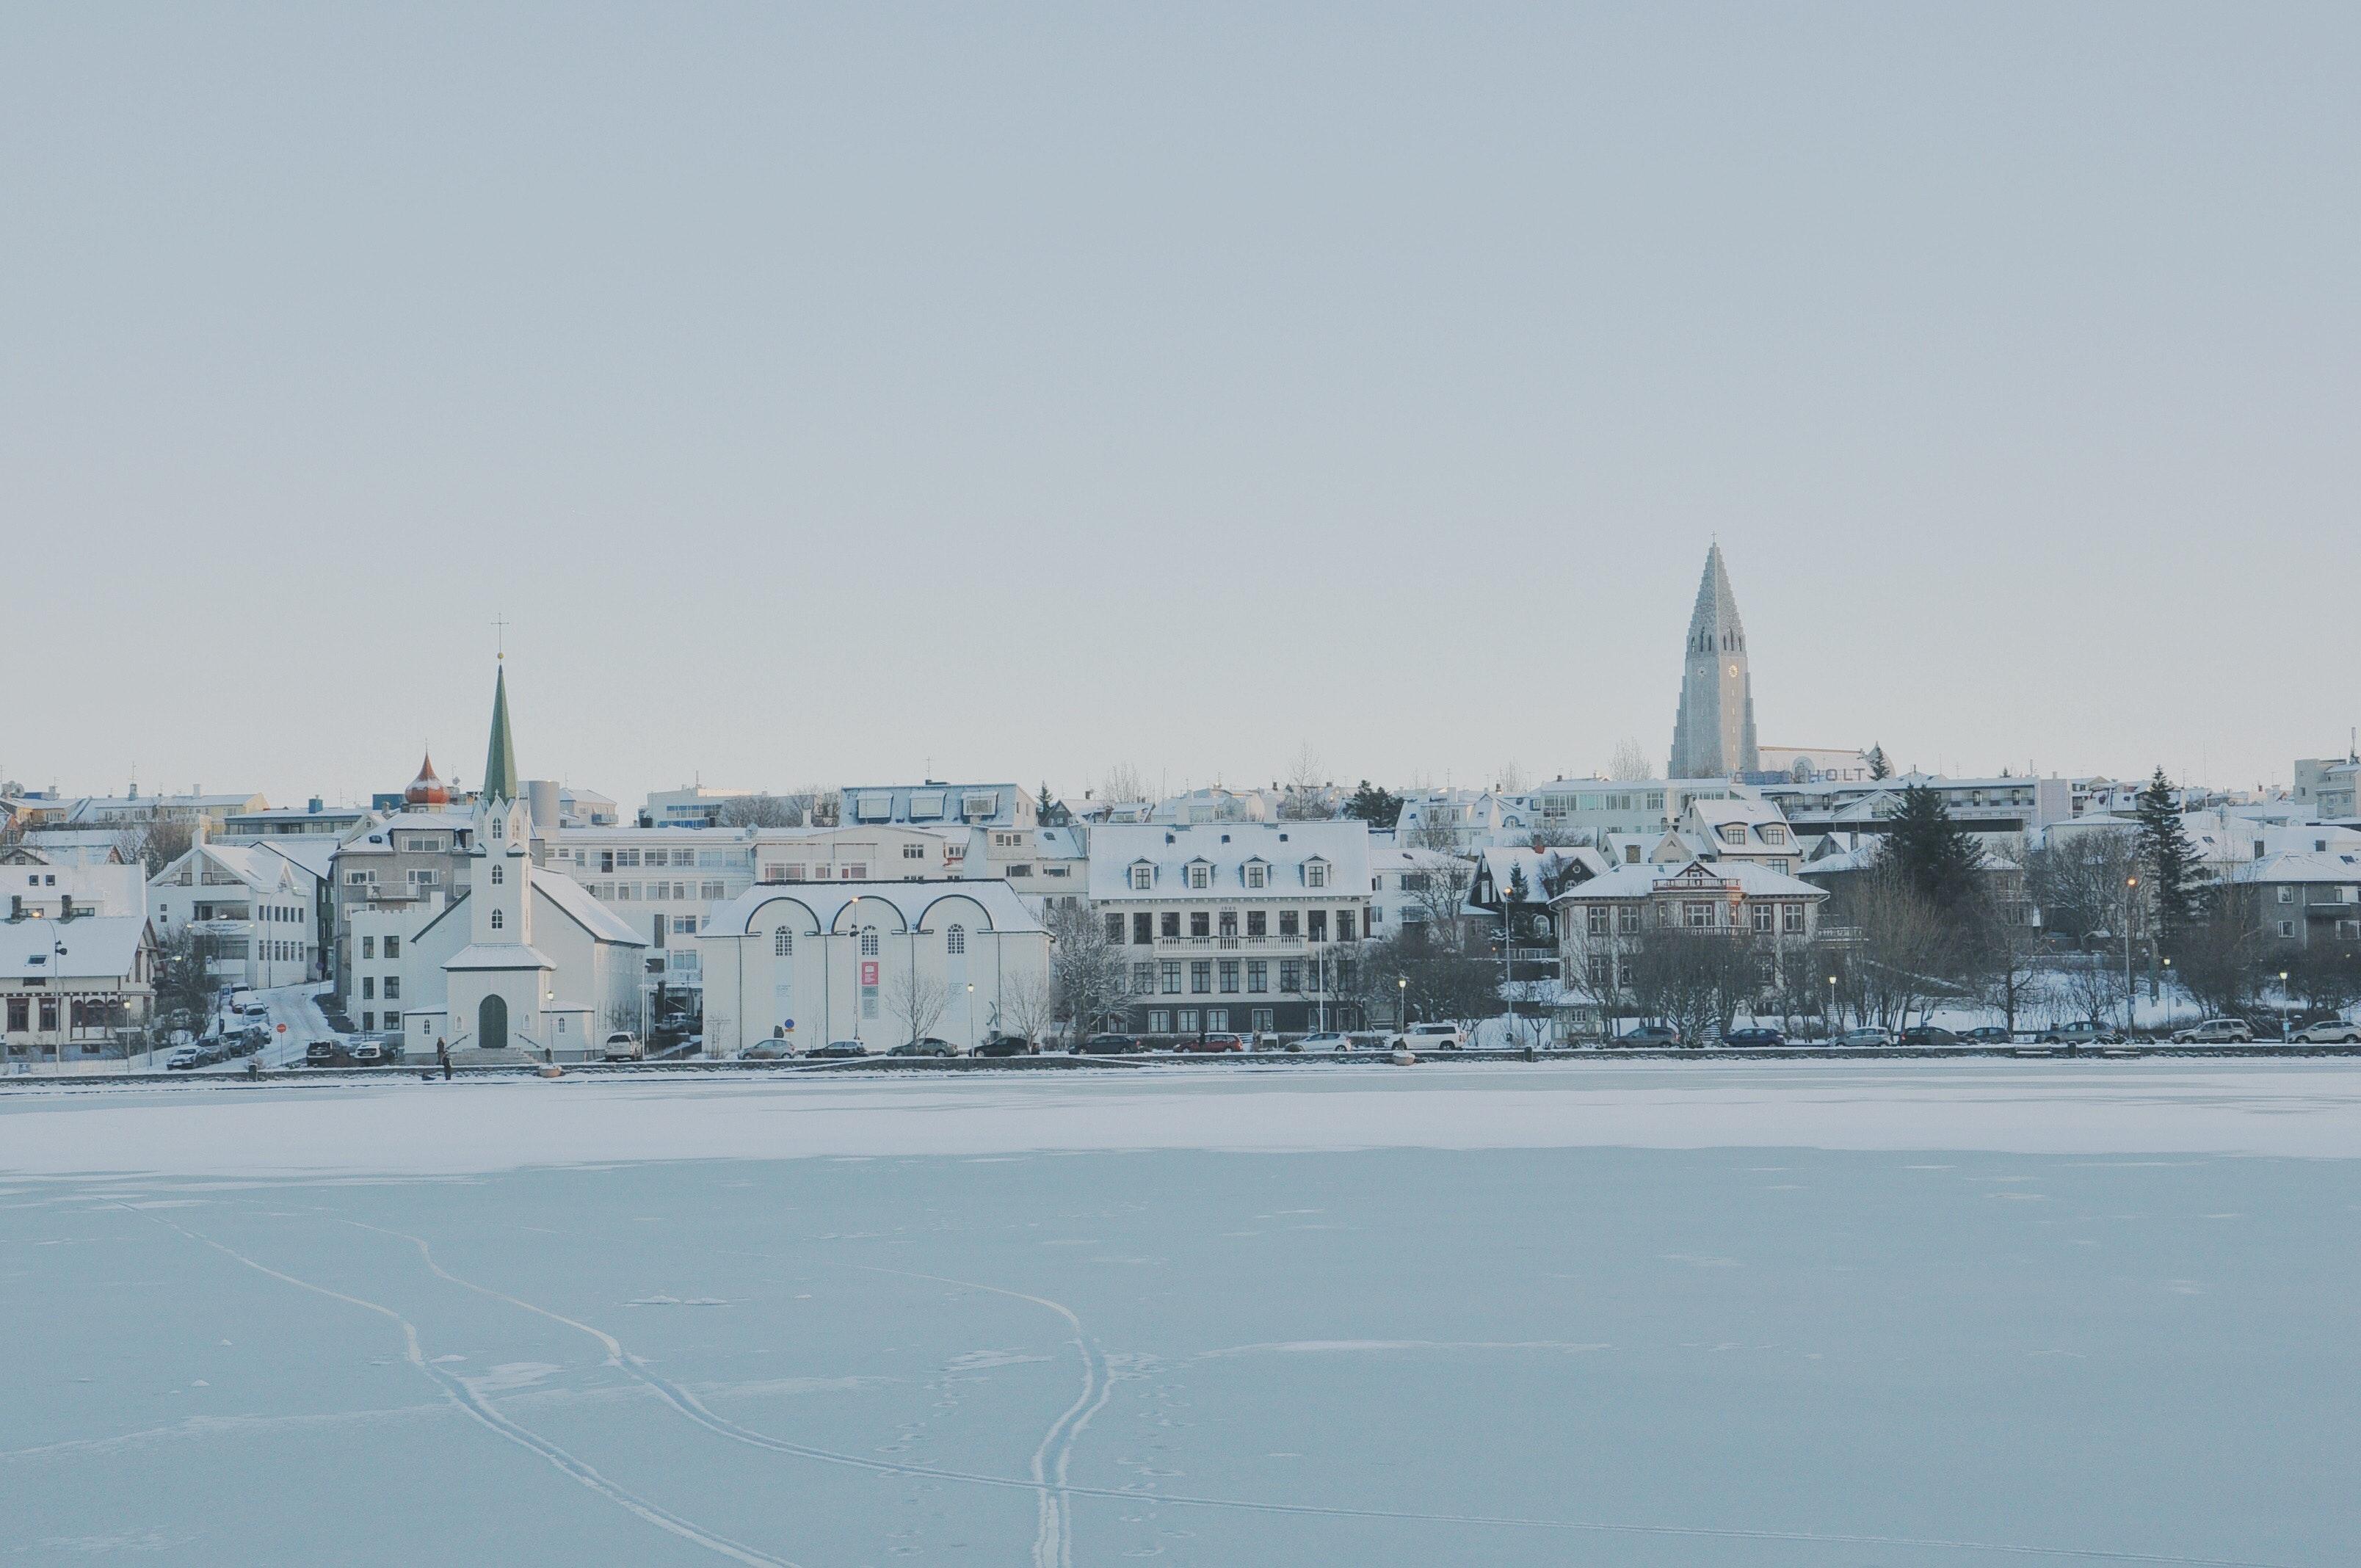 结冰的冰岛雷克雅未克托宁湖